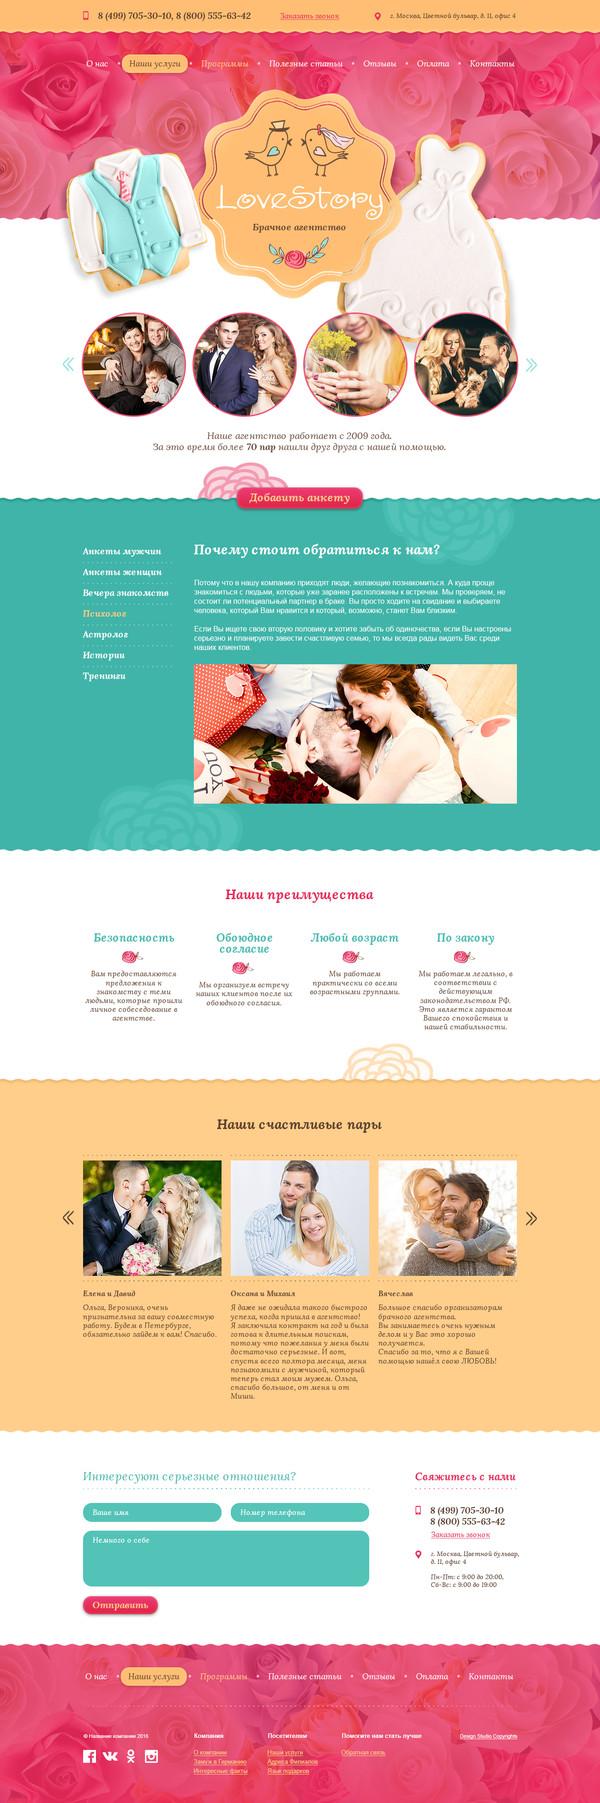 знакомства по миру брачные агентства каталог